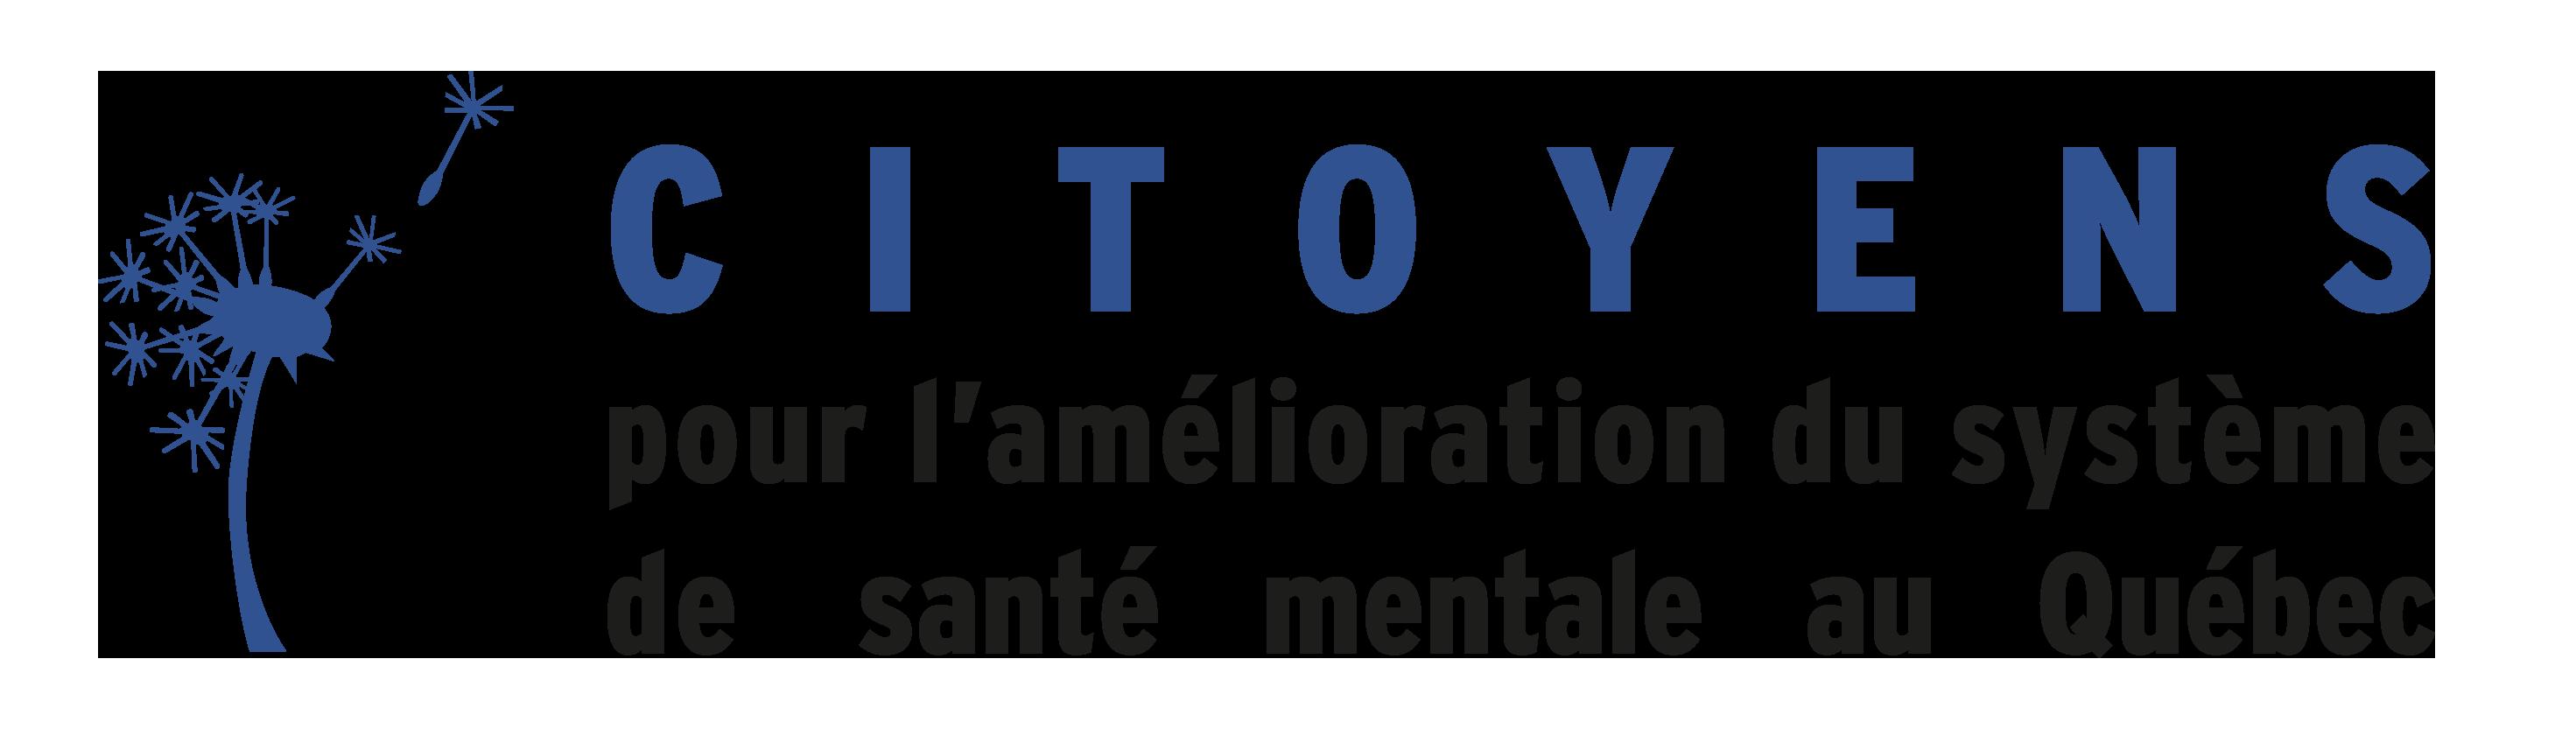 Citoyens pour l'amélioration du système de santé mentale au Québec